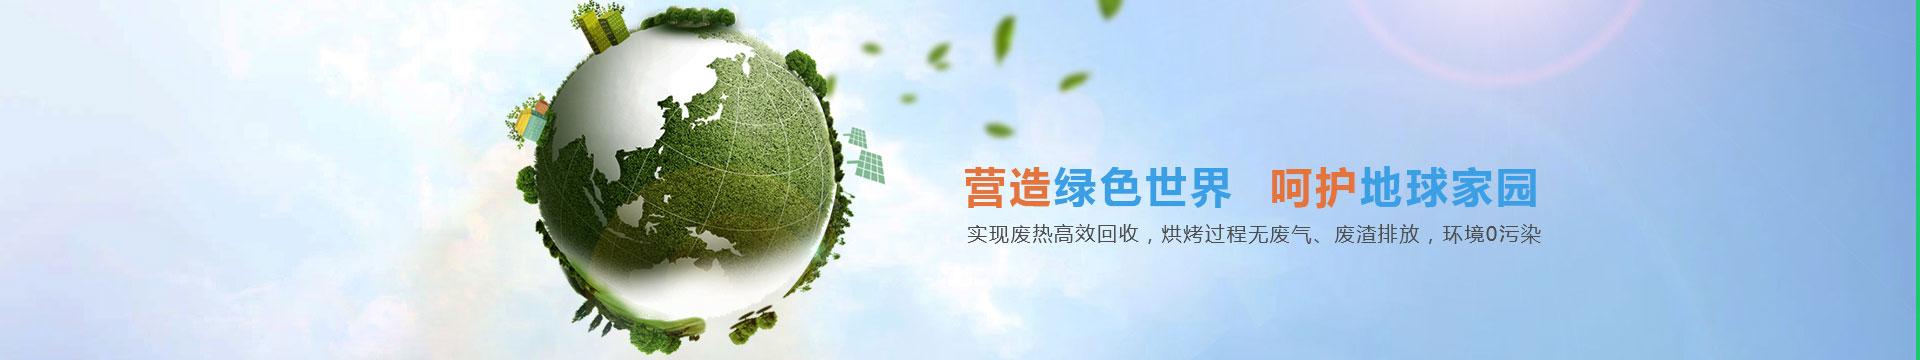 河南bbim娱le下载jie能科技股份有限公司